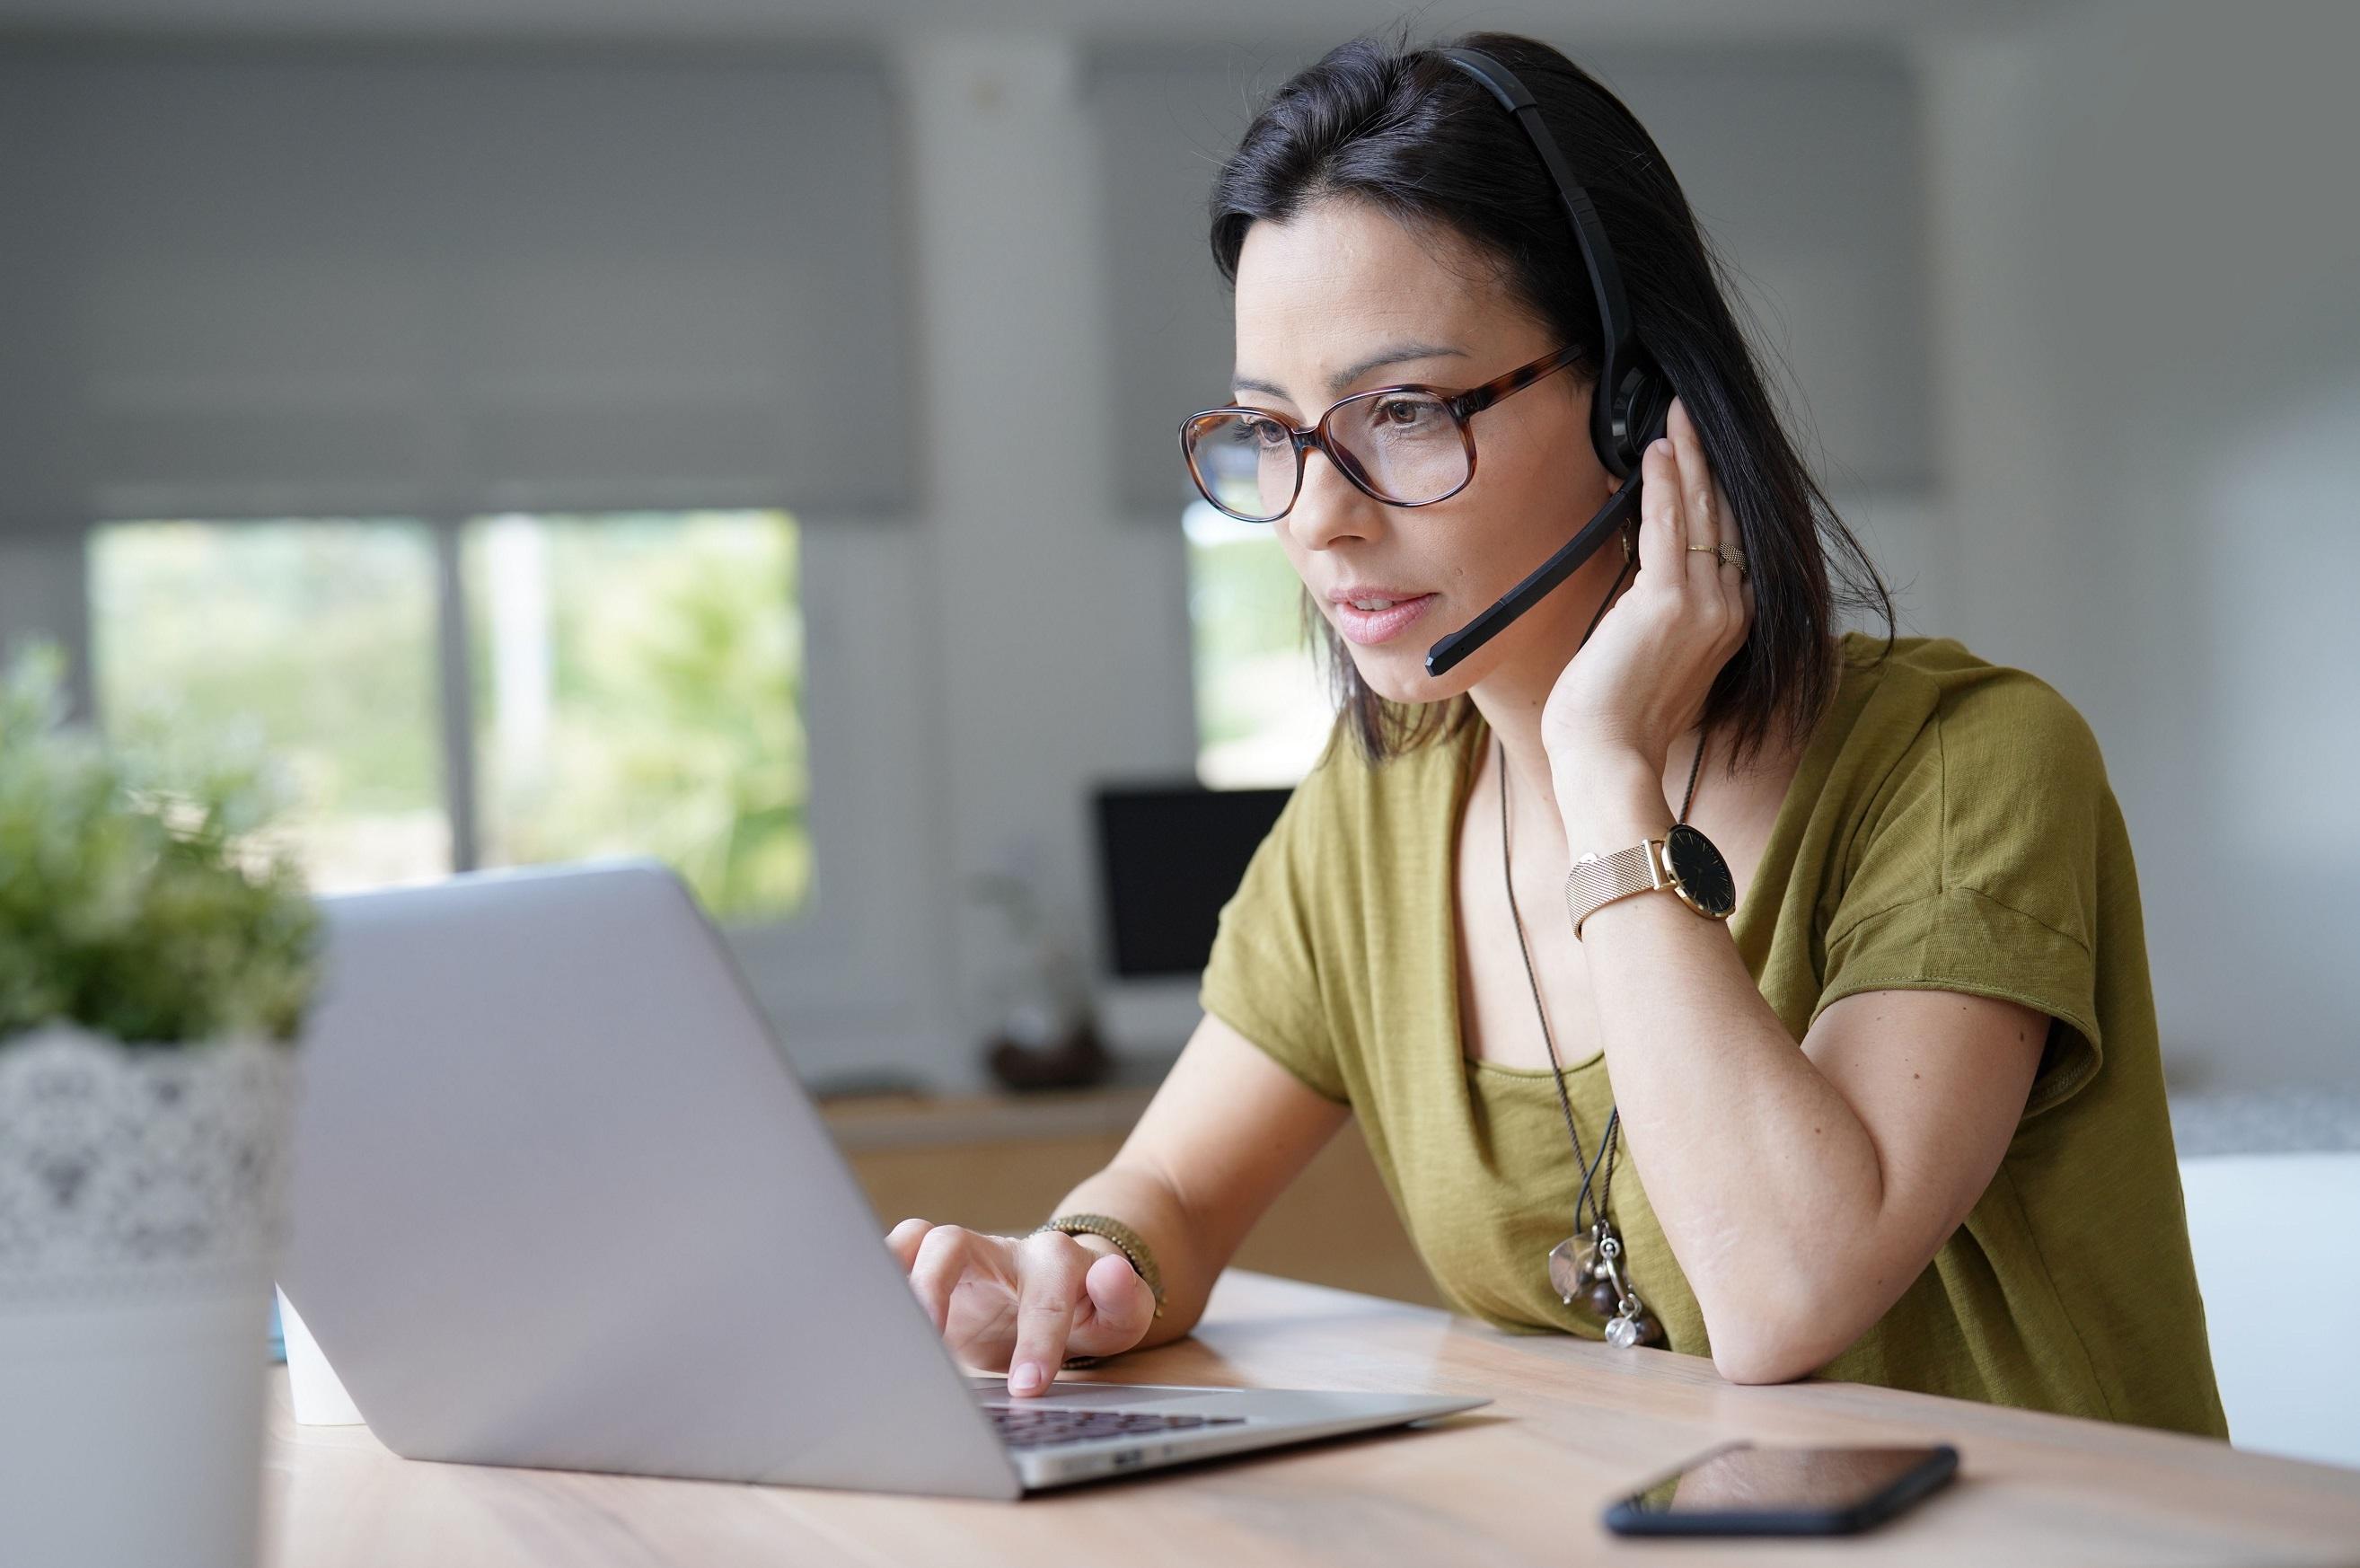 Im Büro bewährte Arbeitsabläufe sollten fürs Homeoffice angepasst werden.